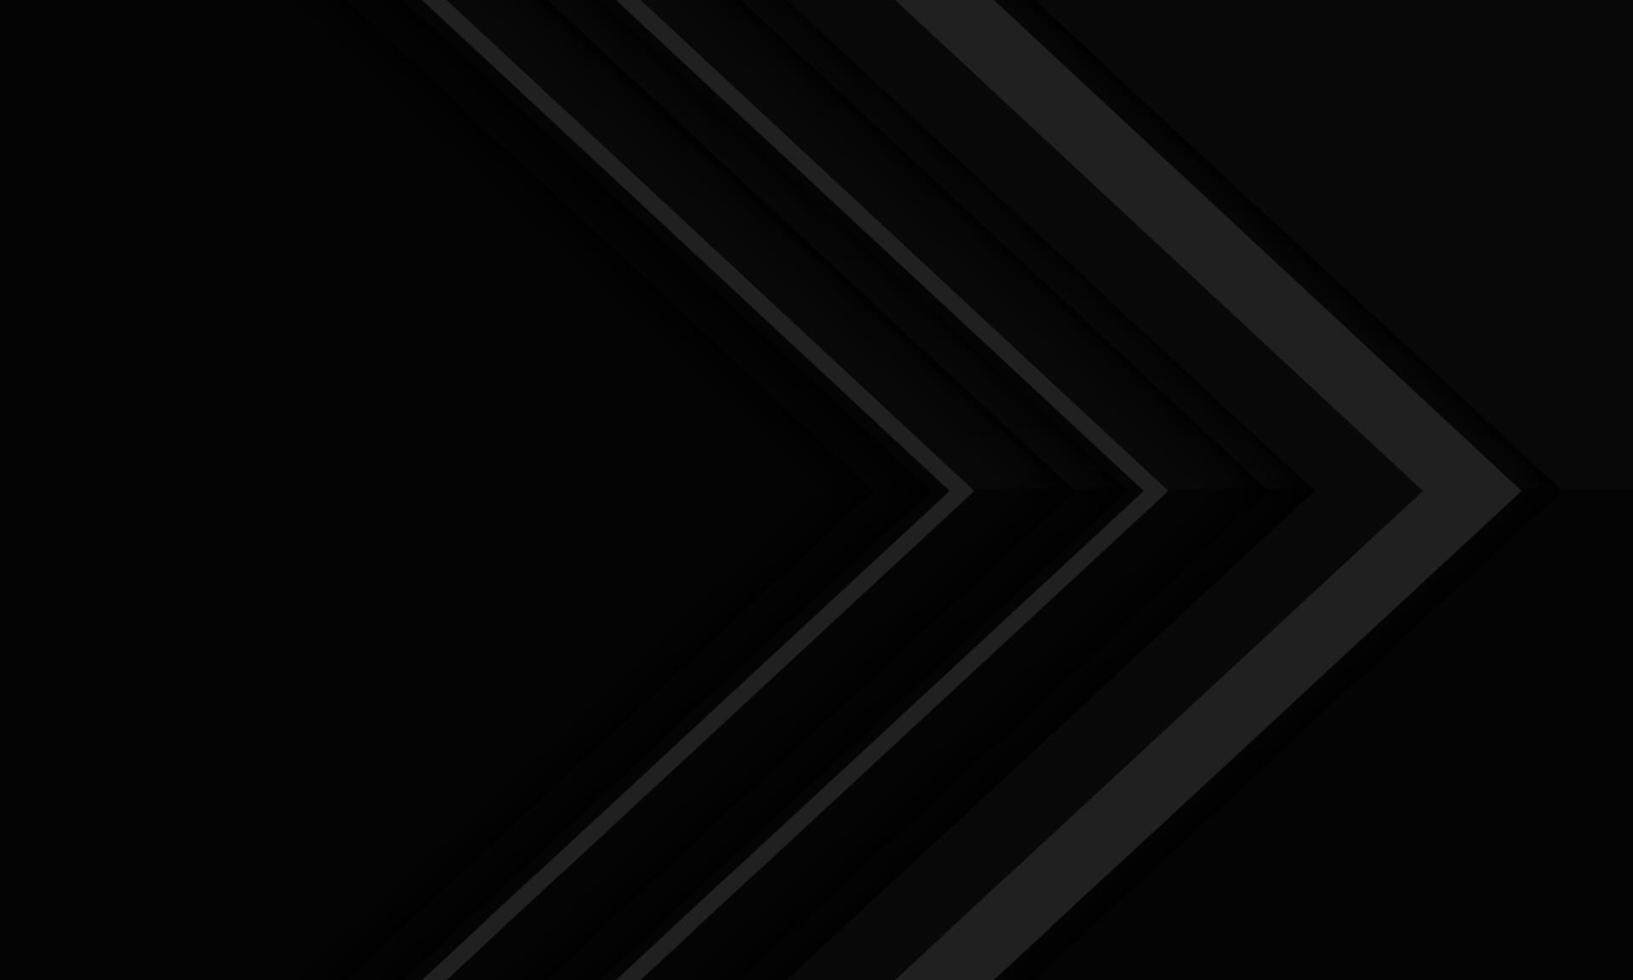 abstrakt grå pilriktning på svart metallisk skugga med tomrumsdesign modern futuristisk bakgrundsvektorillustration. vektor